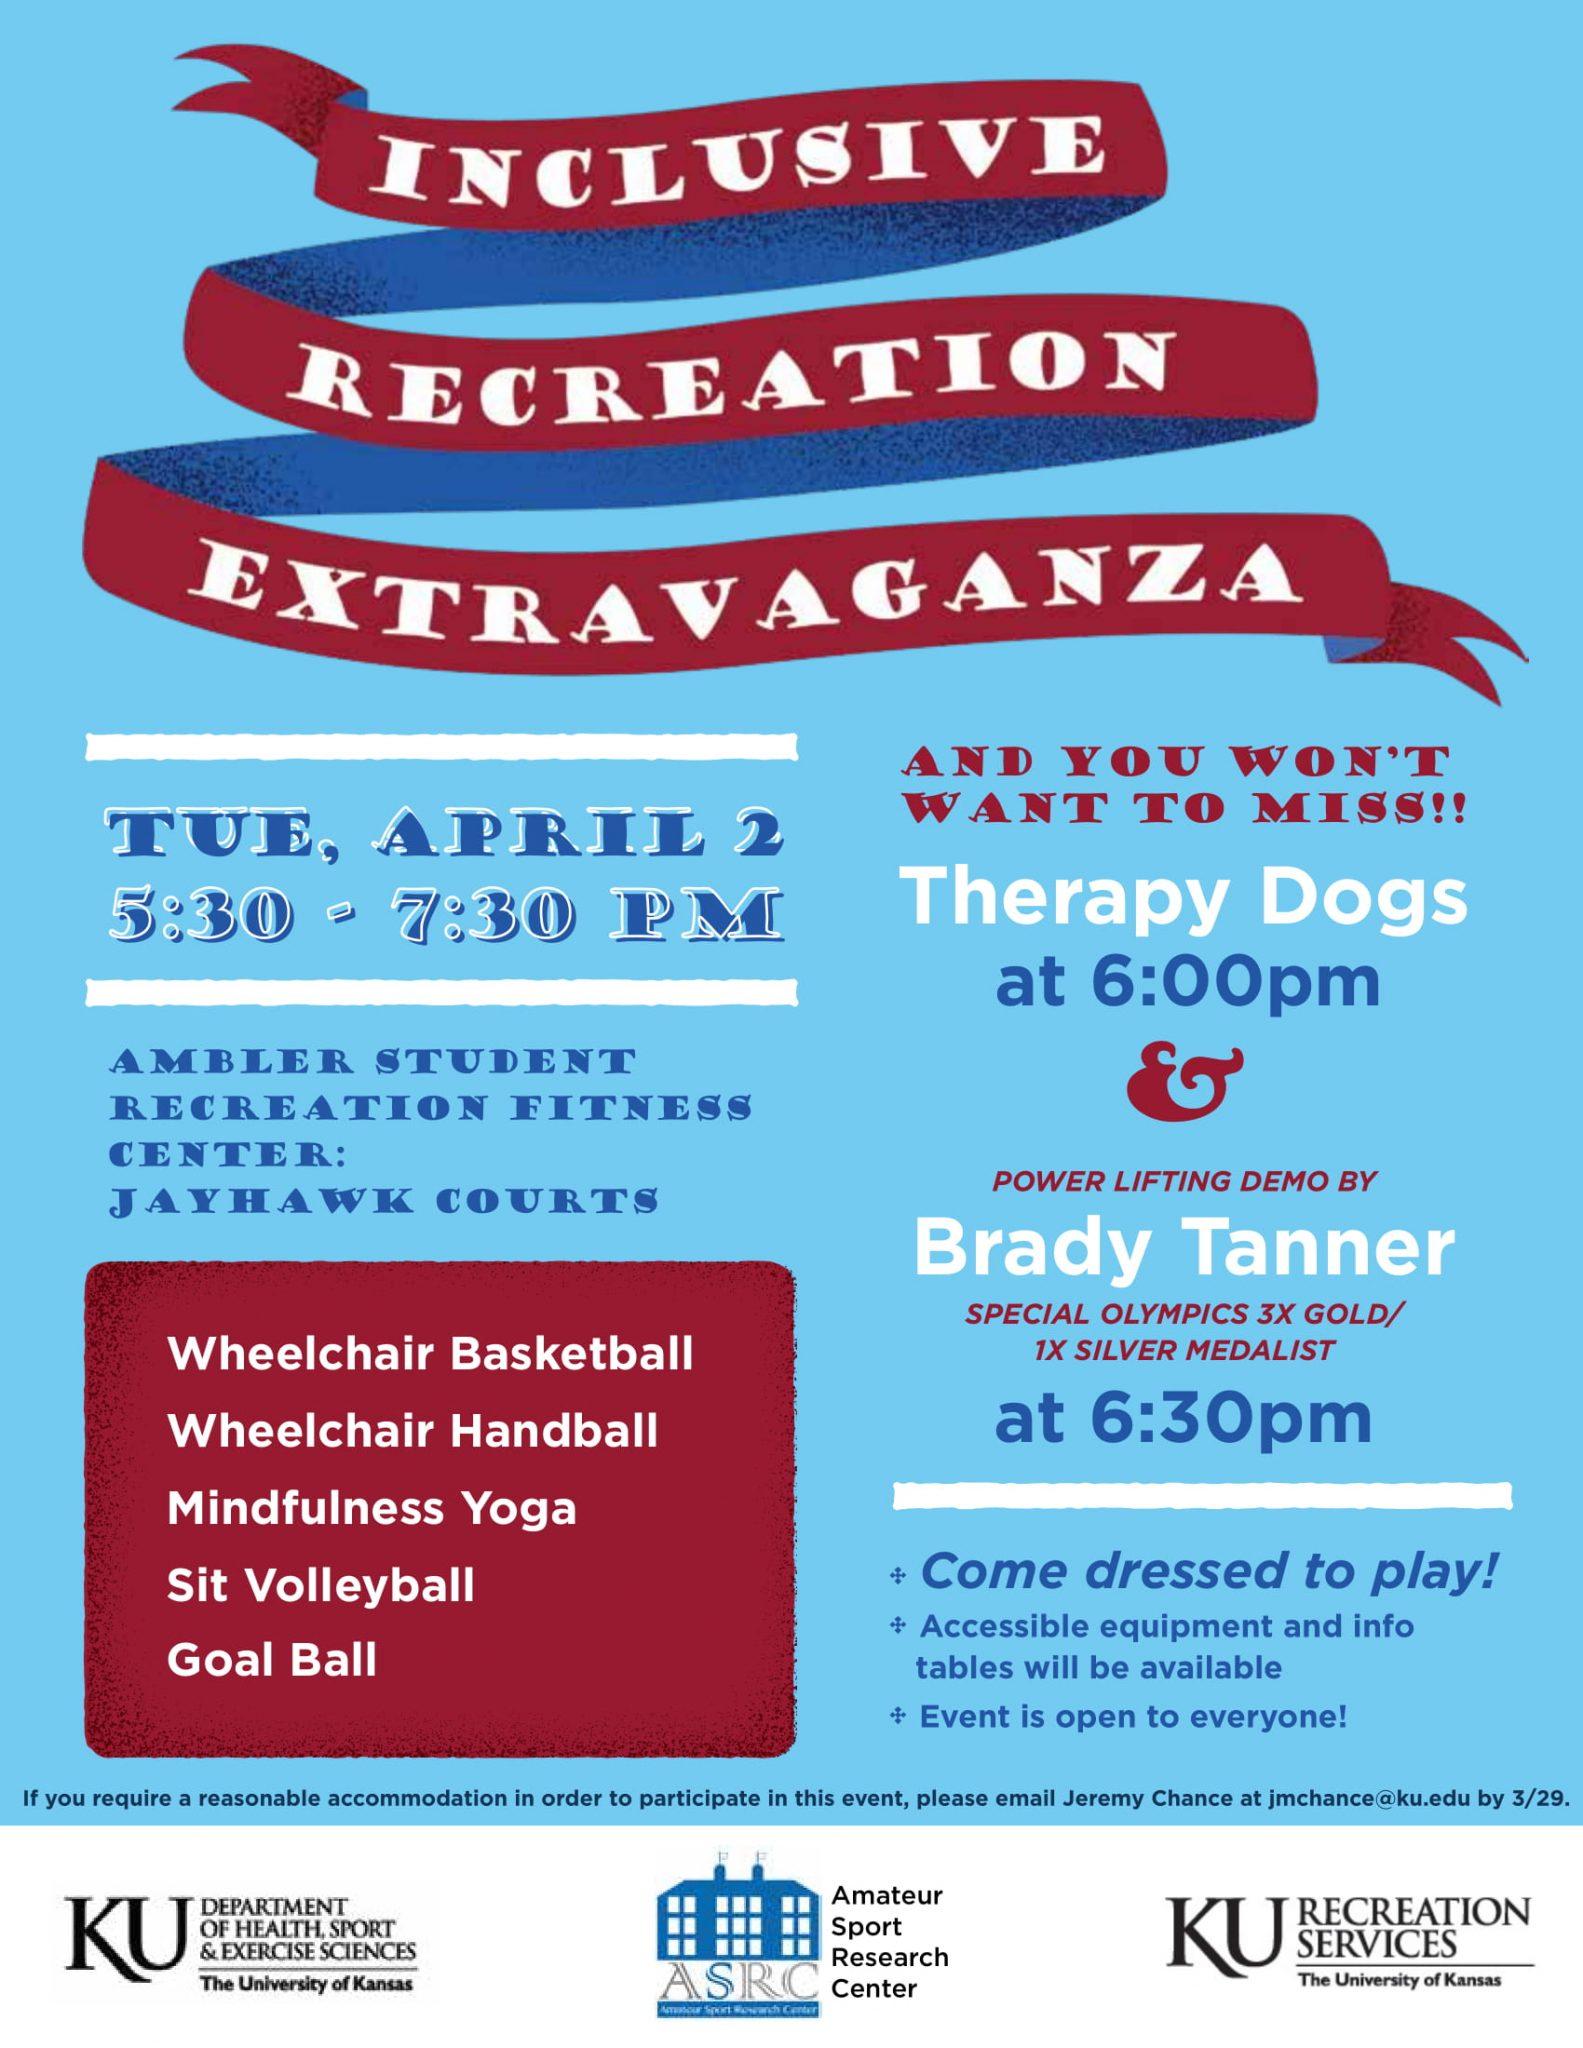 Inclusive Recreation Extravaganza